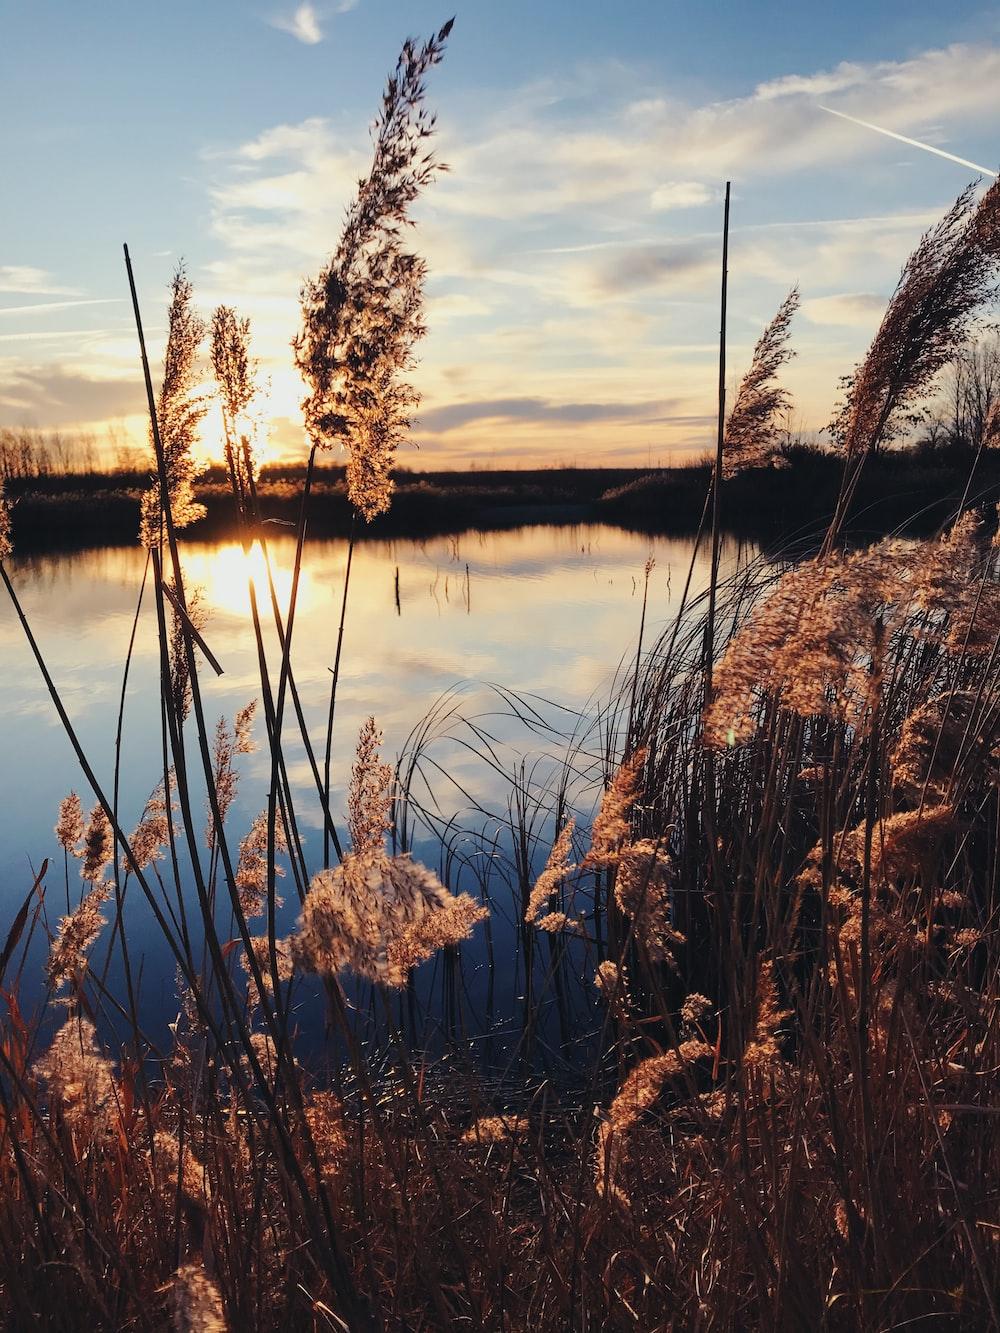 brown grass near lake during sunset